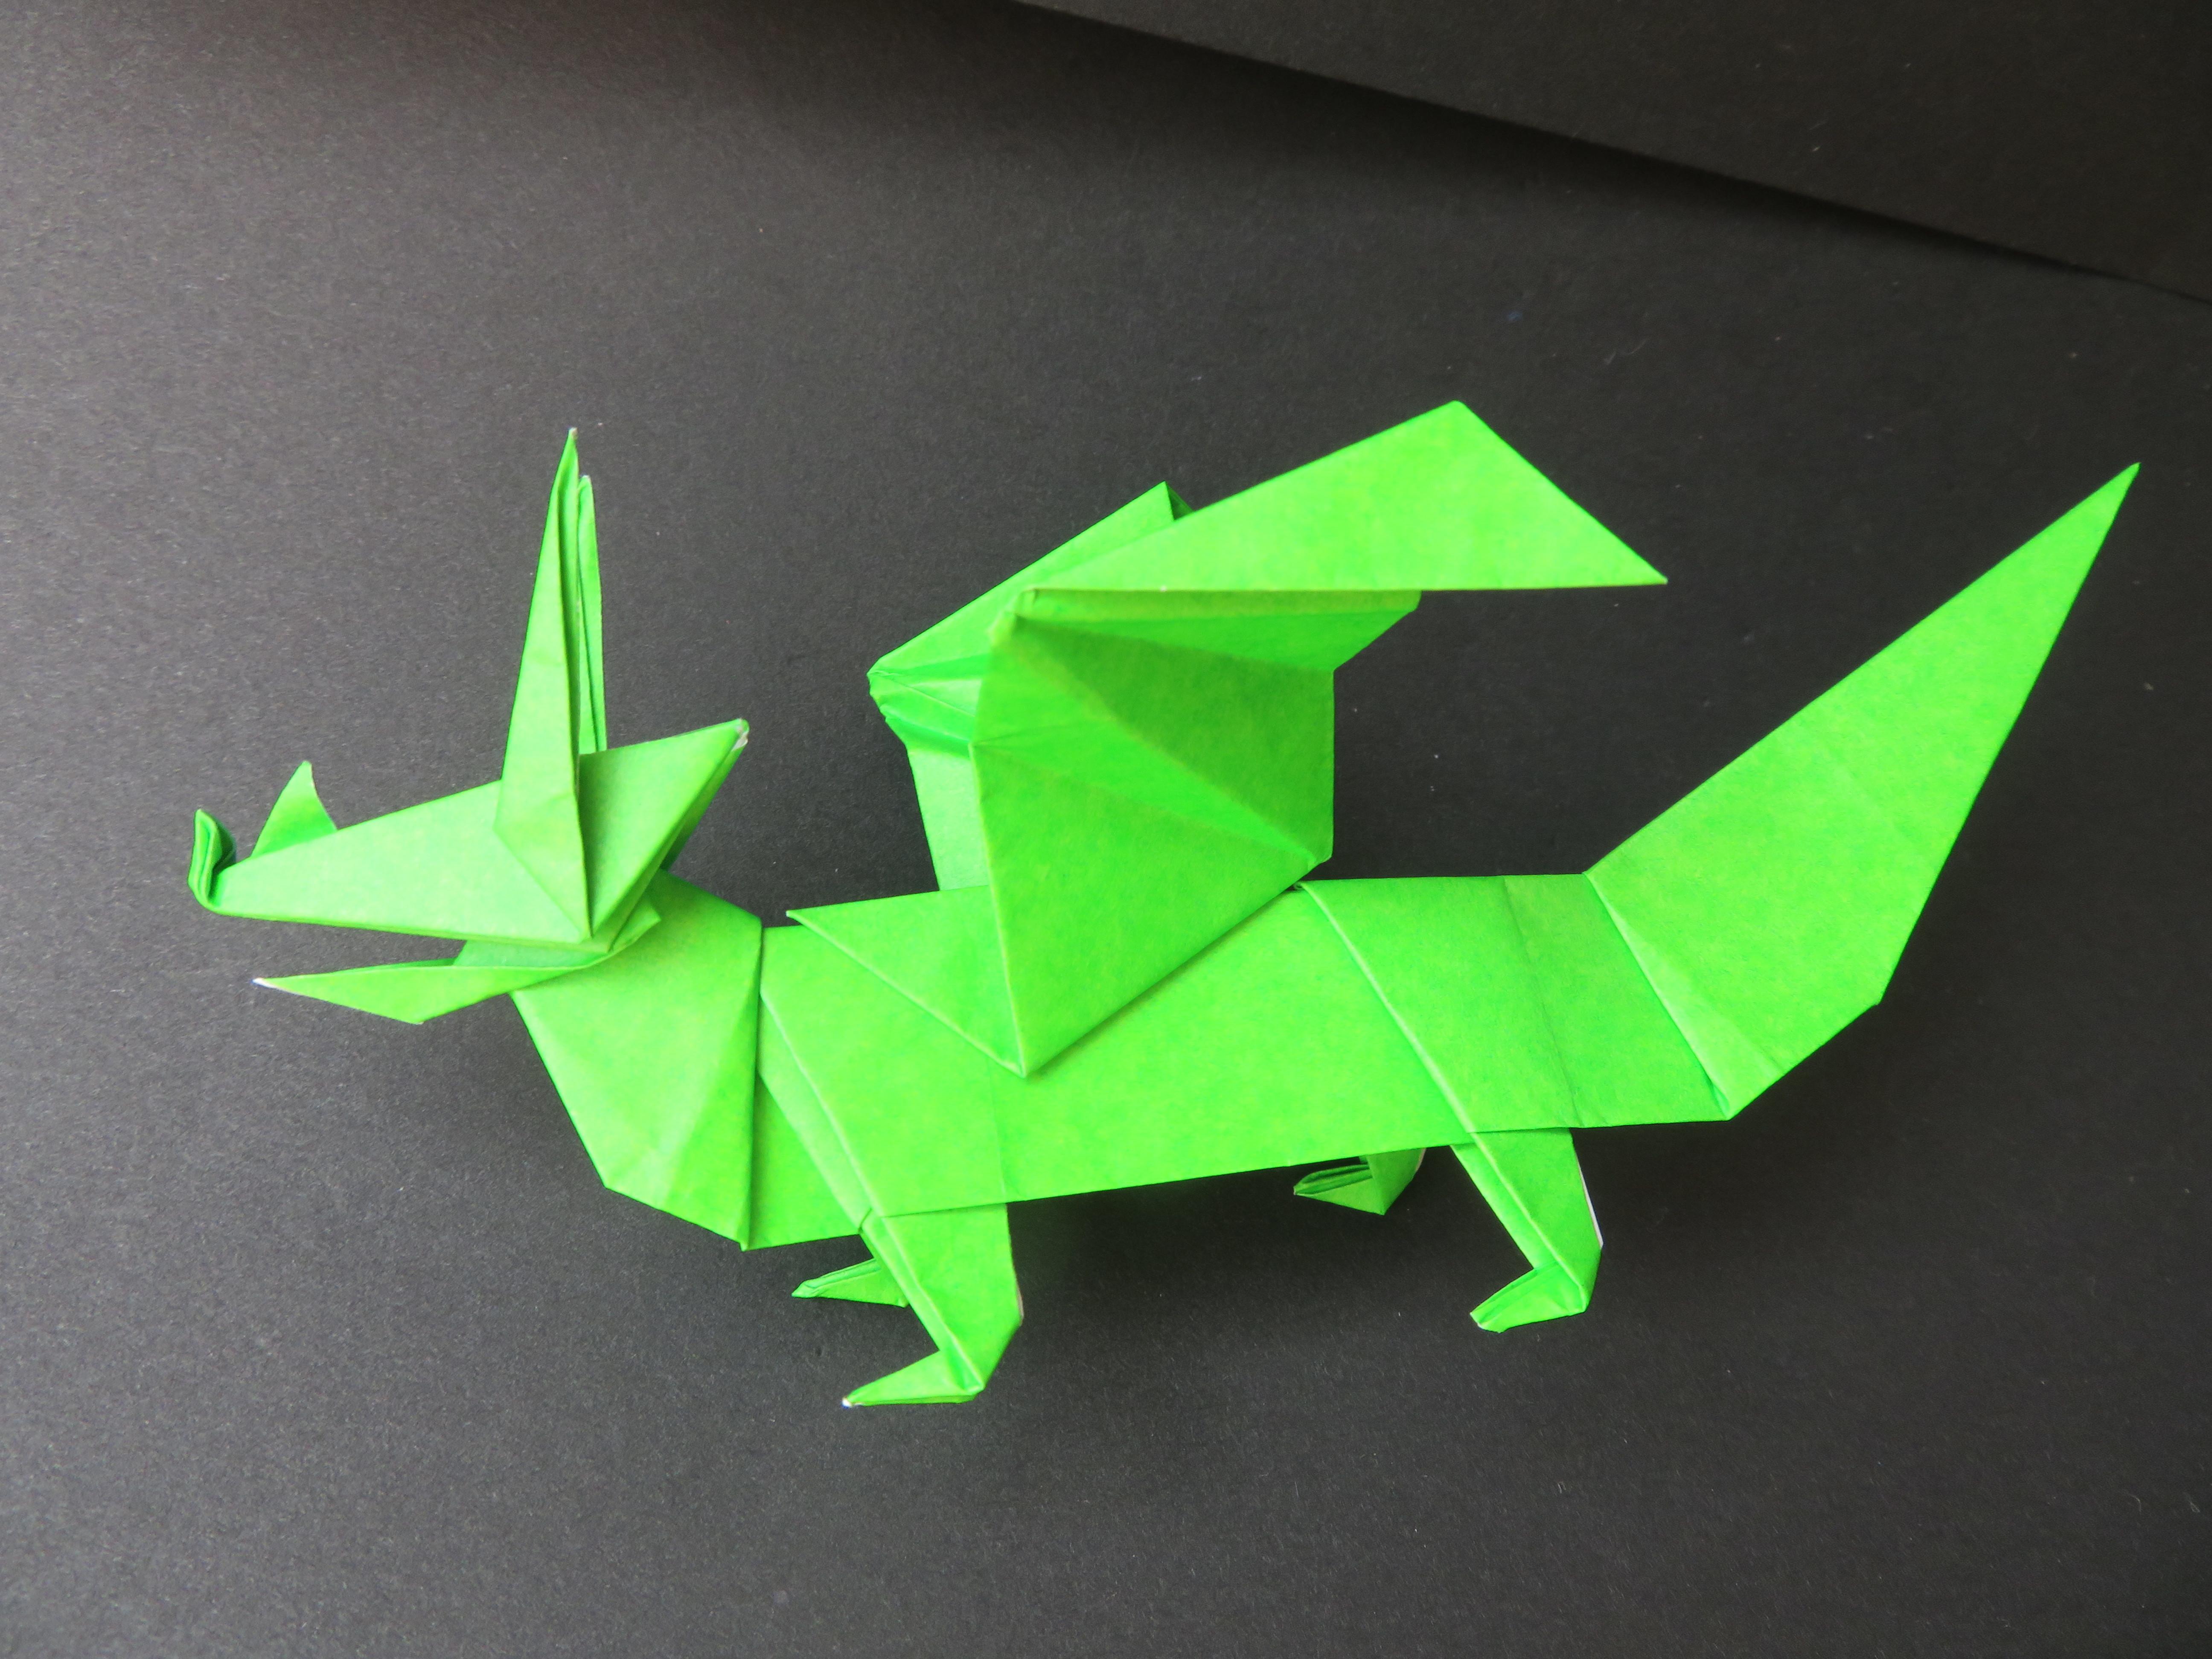 ドラゴン(折り紙)の折り方!立体的でかっこいい龍を作る手順を解説!